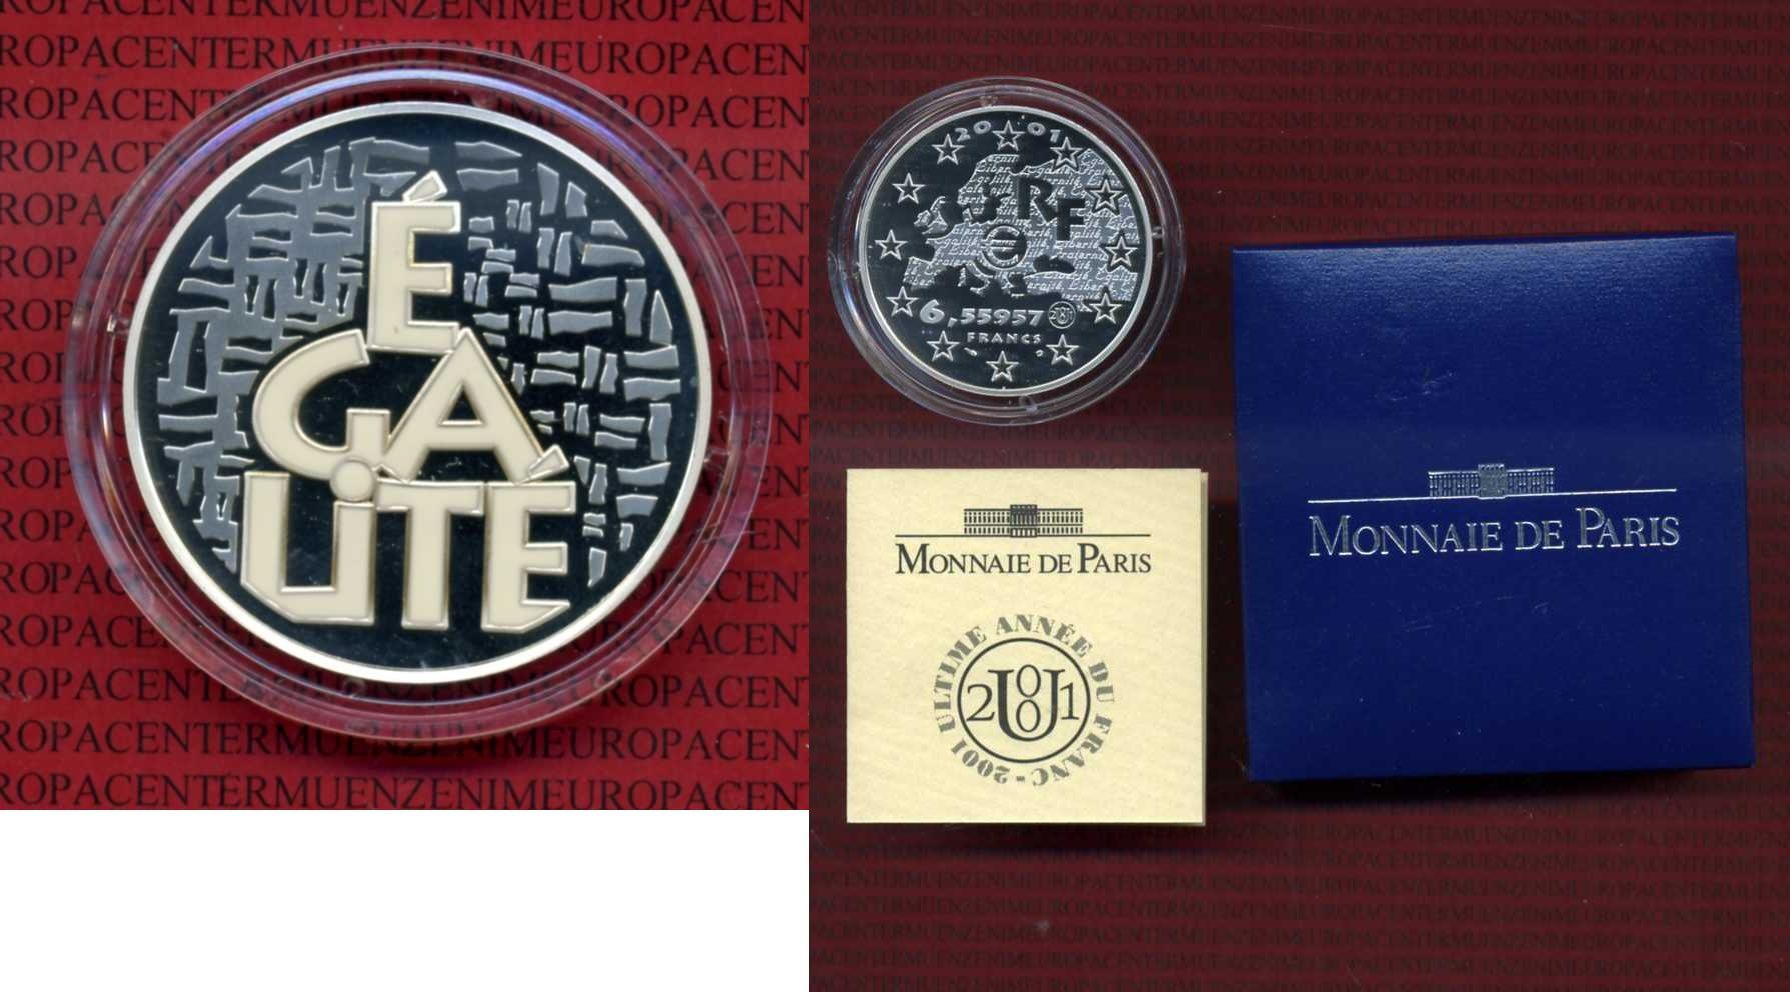 1 Euro Silbermünze, 6,55957 Francs 2001 Frankreich, France Frankreich 6,5 Francs 2001 Box Zertifikat Kapsel Égalite Farbmünze proof box, coa